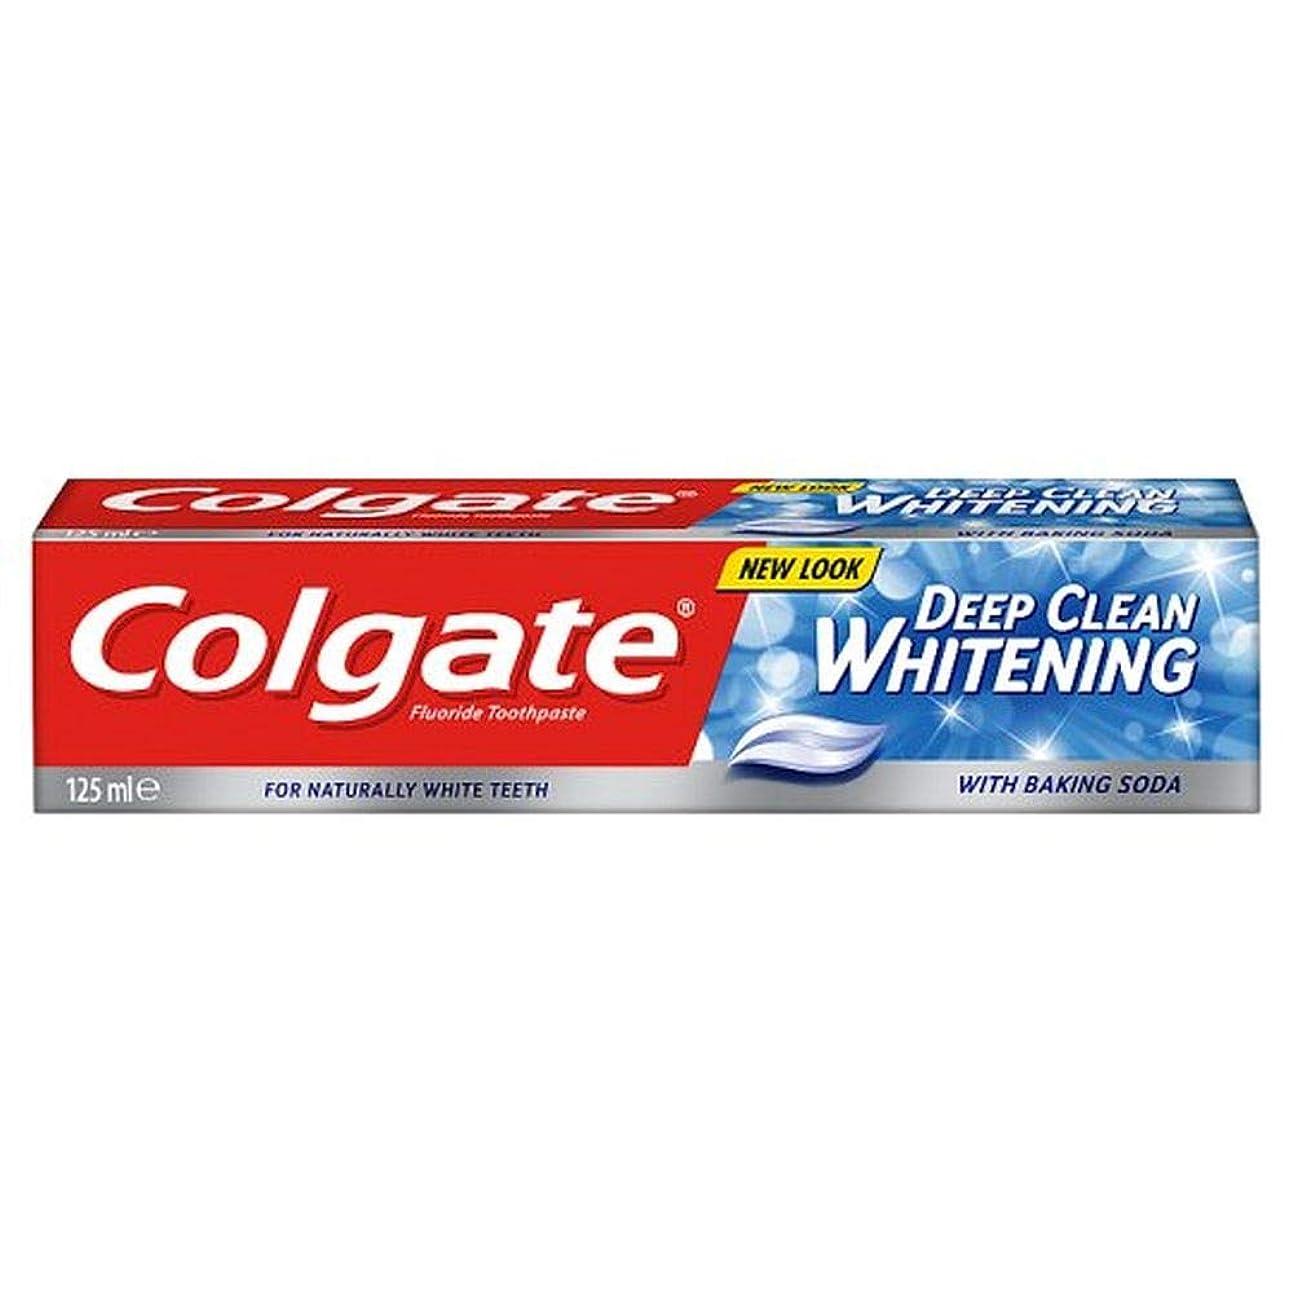 通路花婿ブランク[Colgate ] コルゲート深いクリーンホワイトニング歯磨き粉の125ミリリットル - Colgate Deep Clean Whitening Toothpaste 125Ml [並行輸入品]